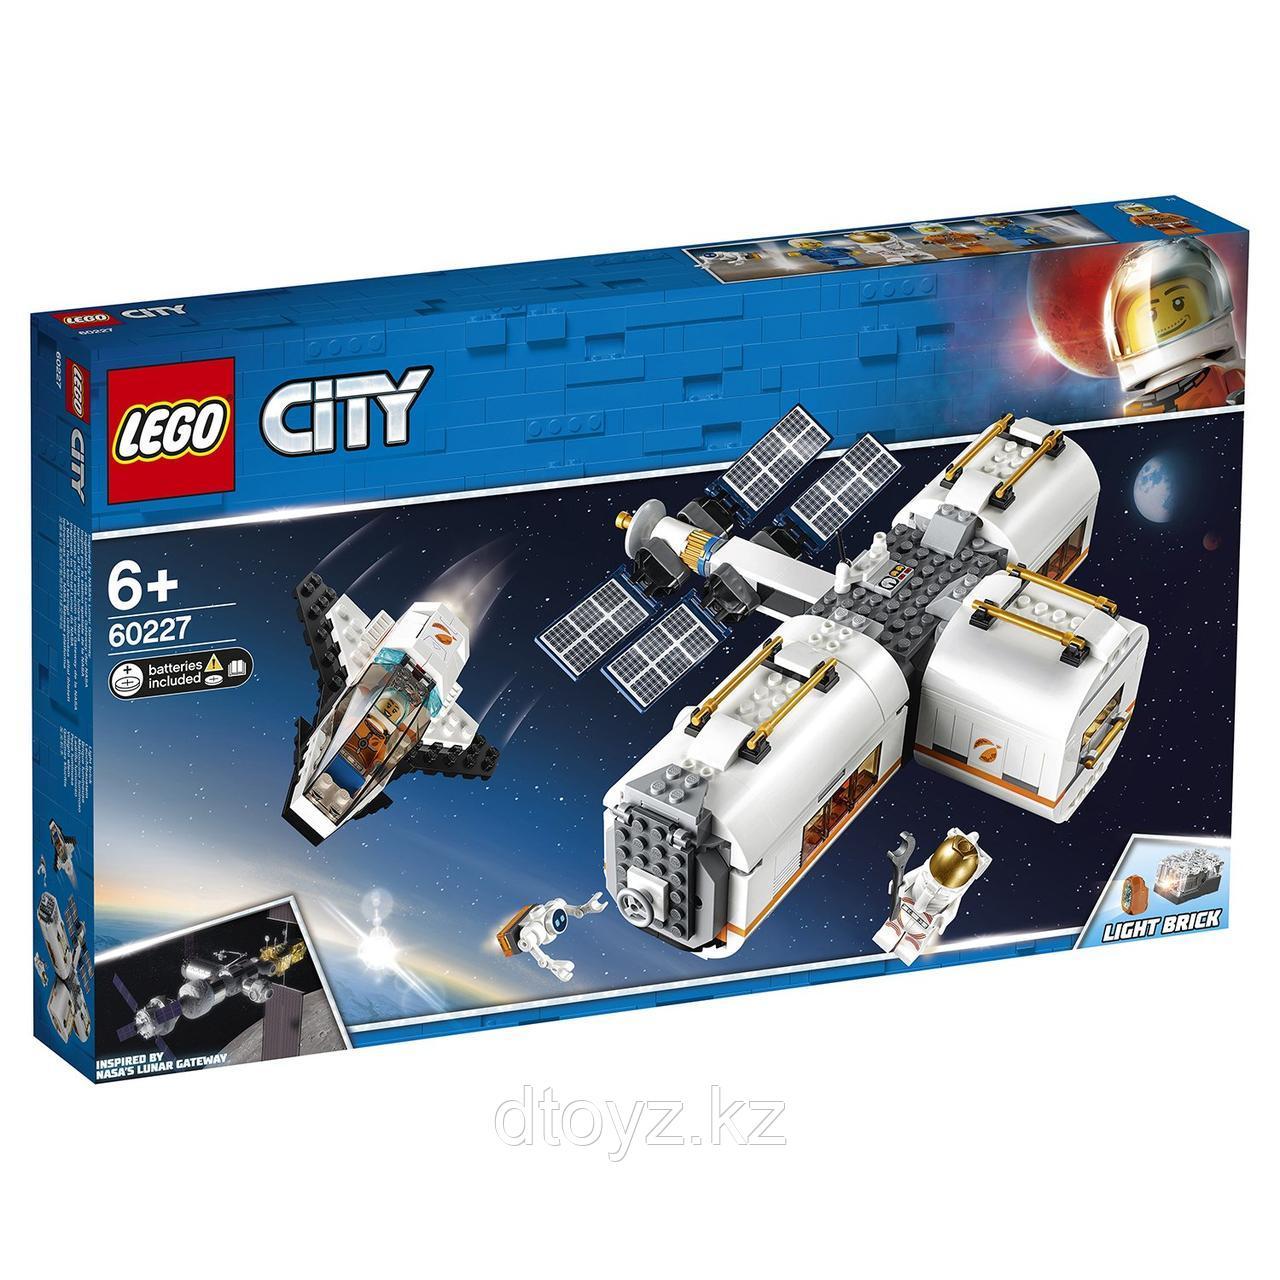 Lego City 60227 Лунная космическая станция, Лего Город Сити